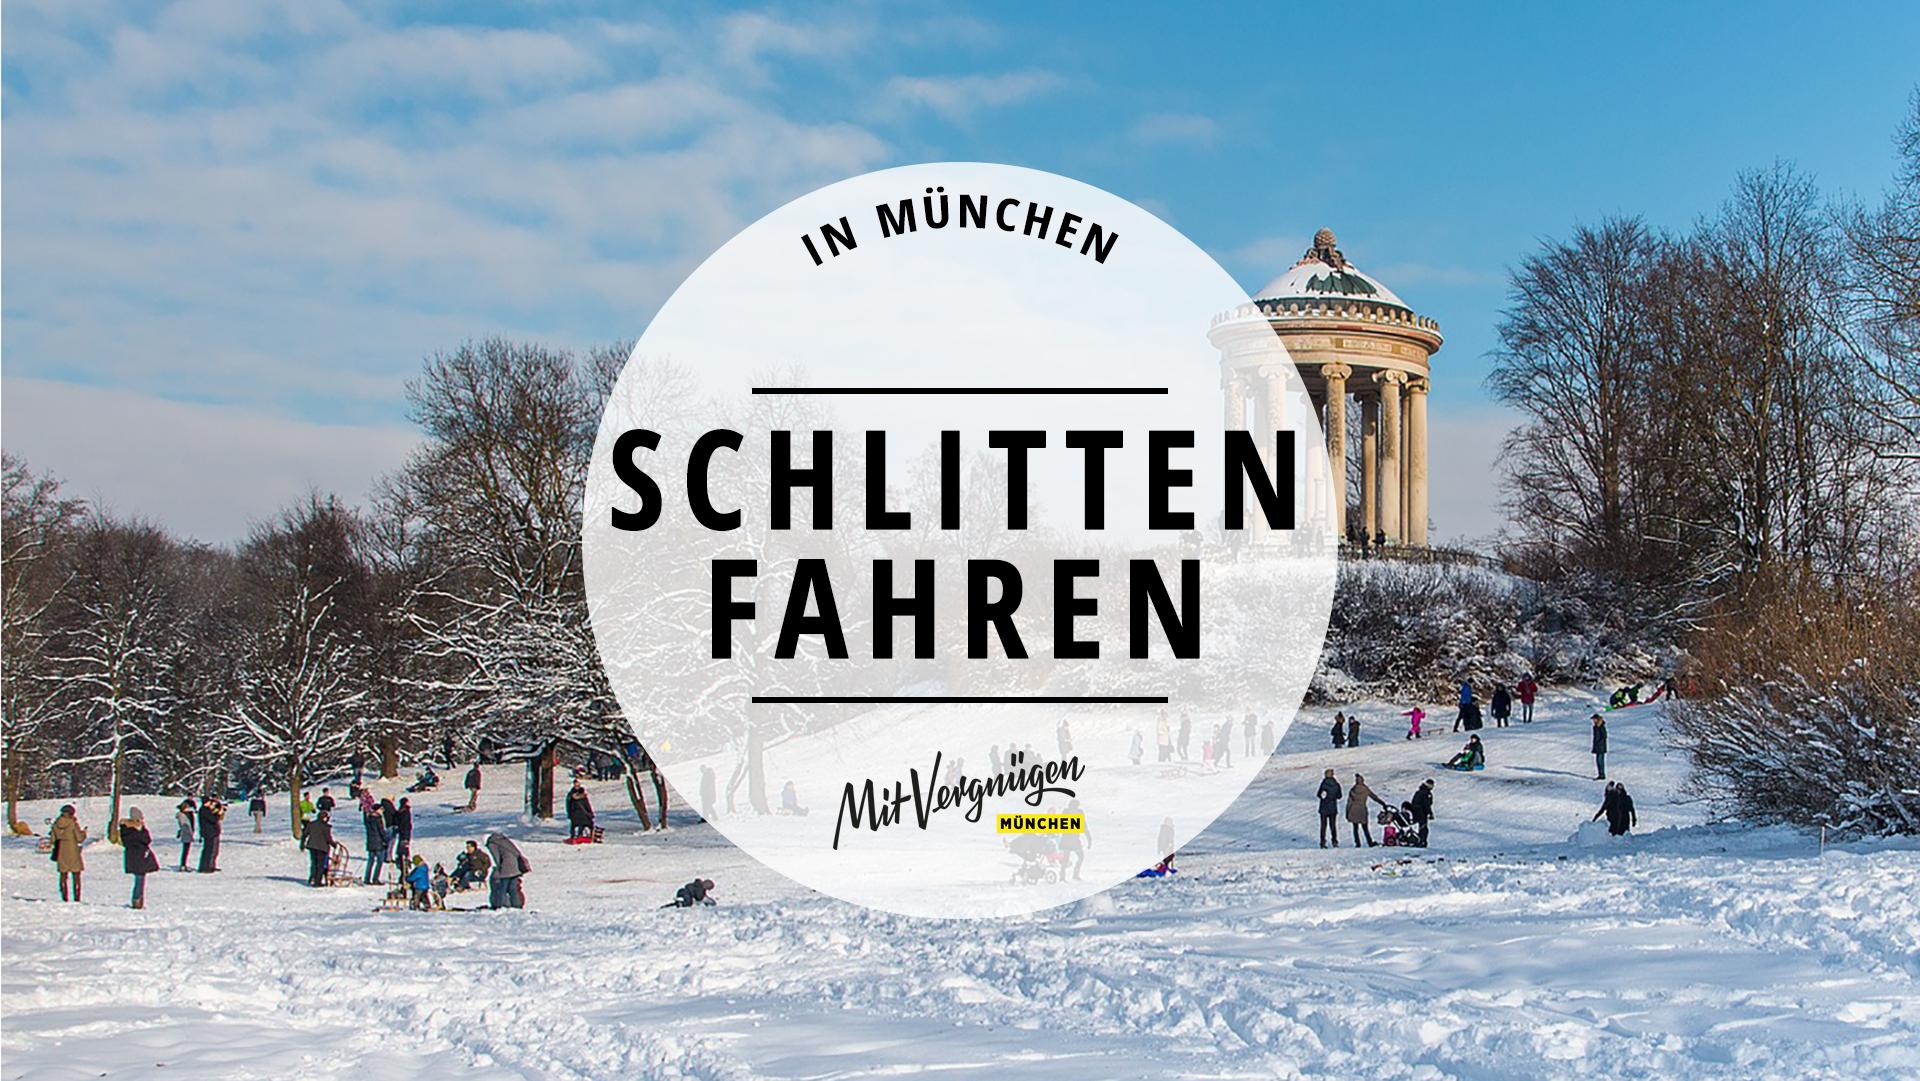 11 Orte in München, an denen ihr super Schlitten fahren könnt